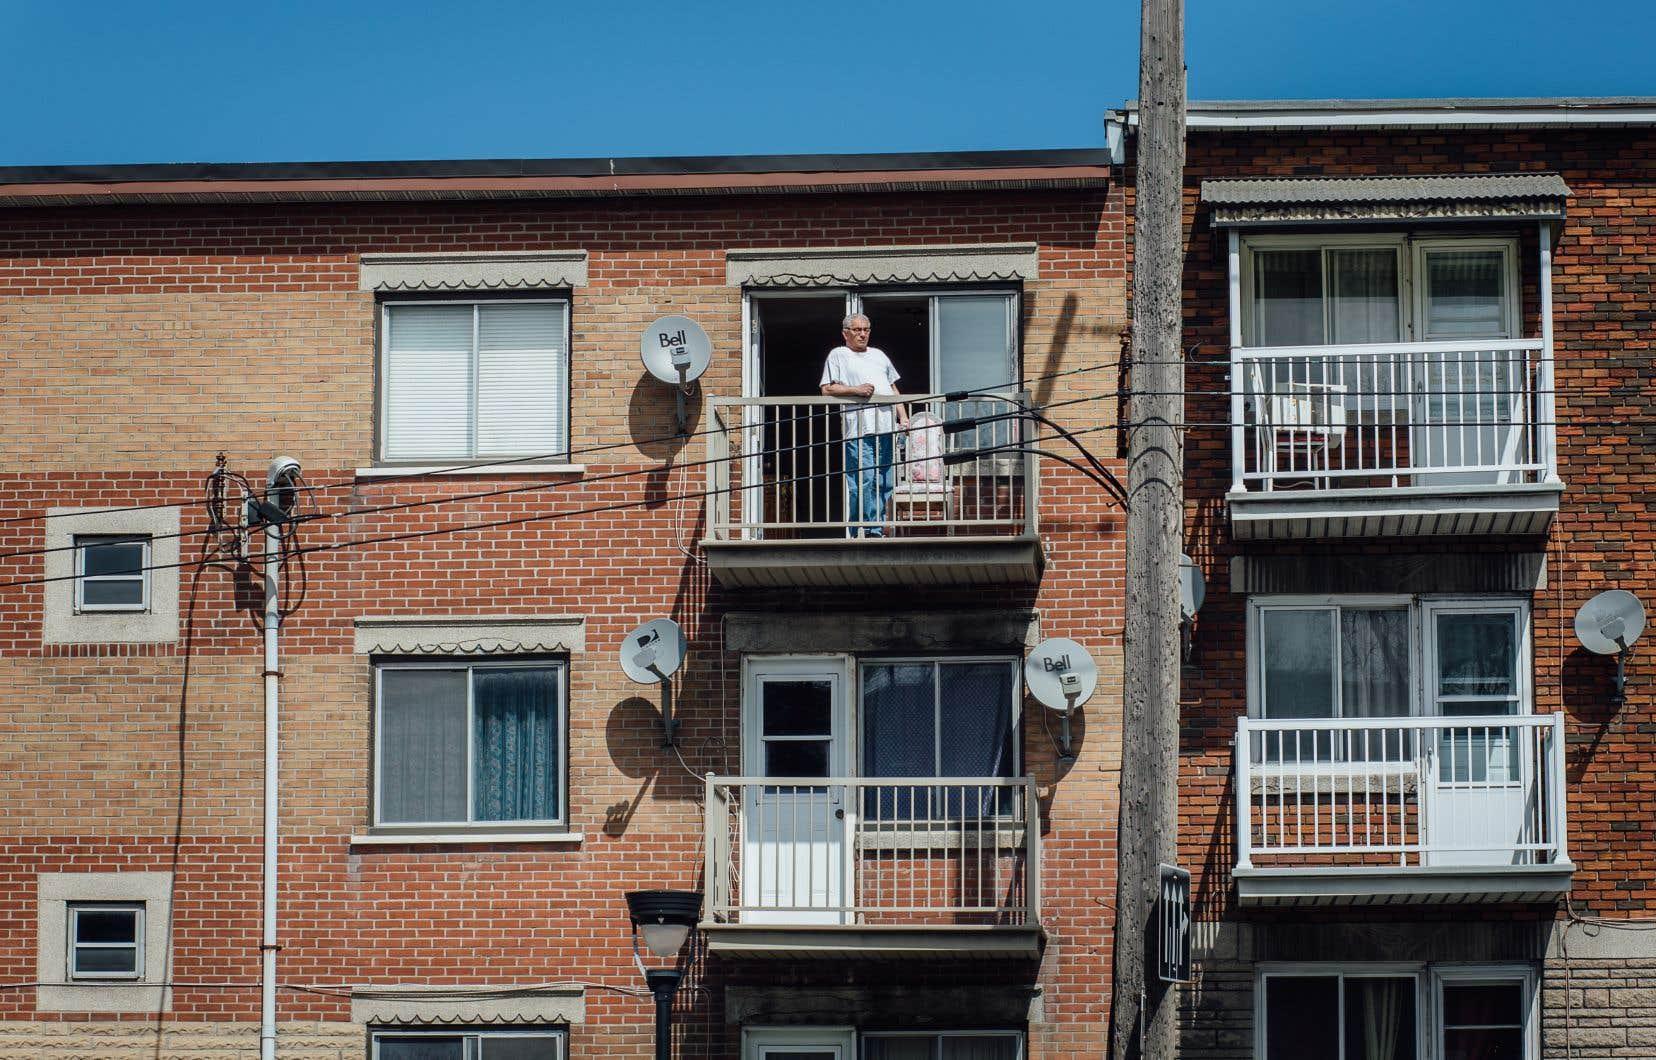 Selon CAA Québec, deux fois plus de personnes que l'année dernière planifient de rester à la maison durant leurs vacances.